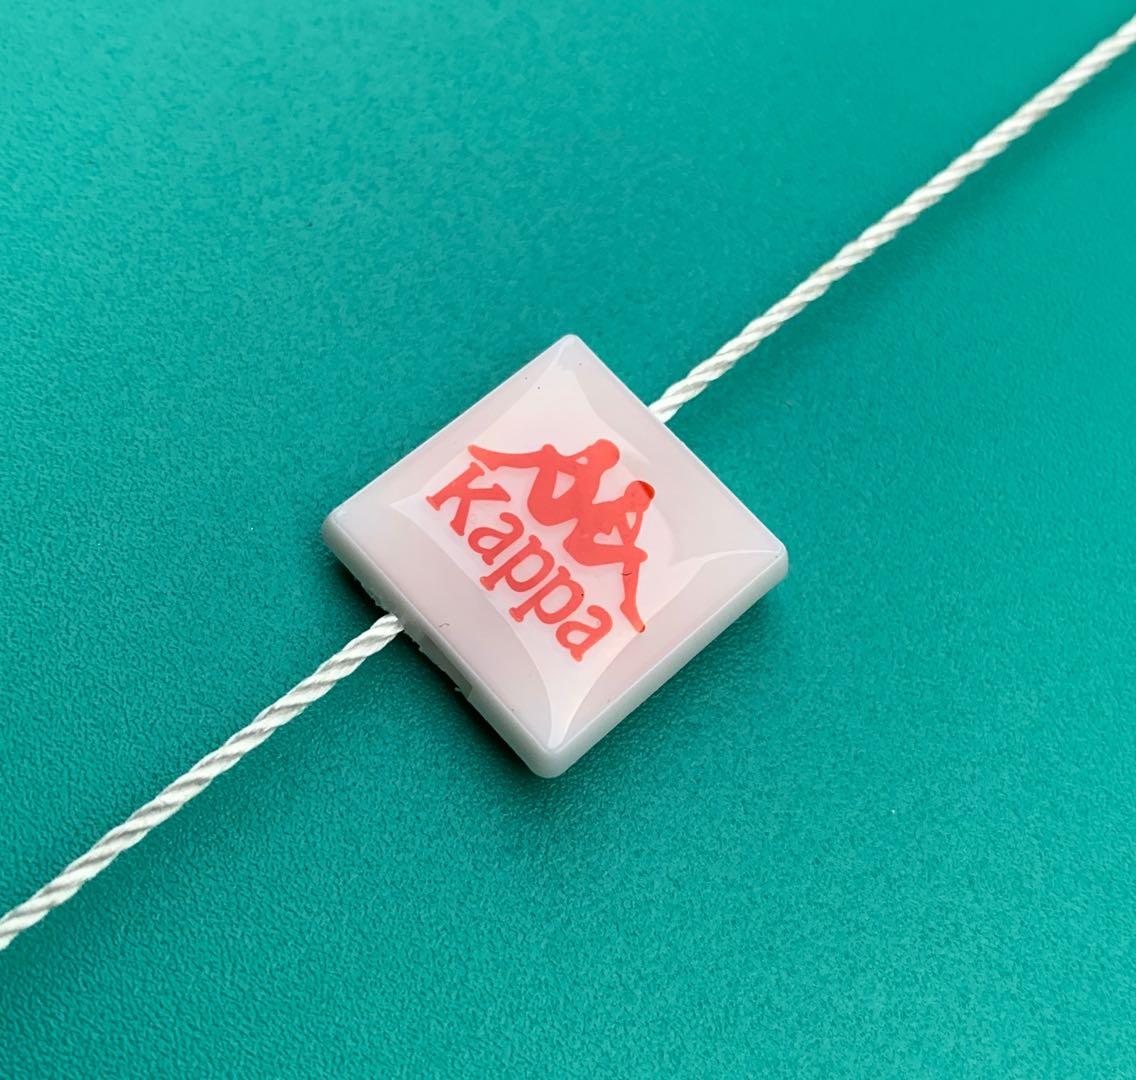 中山商標吊粒生產商哪家好-怎么挑選具有口碑的吊粒吊牌